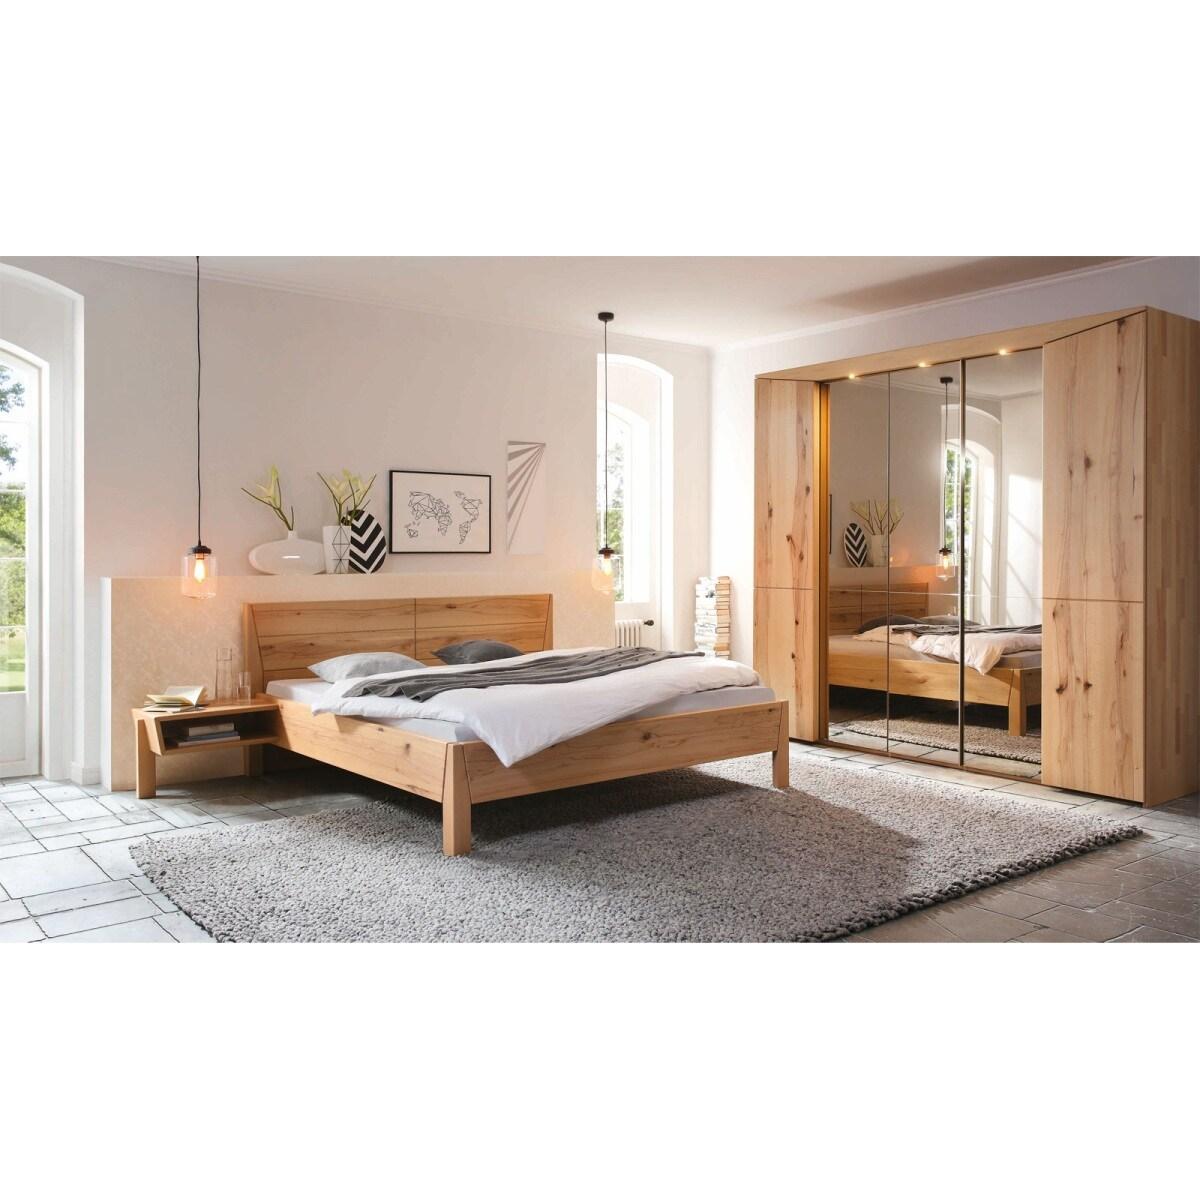 Bettanlage kernbuche ge lt ca 180 x 200 cm porta for Schlafcouch 180 x 200